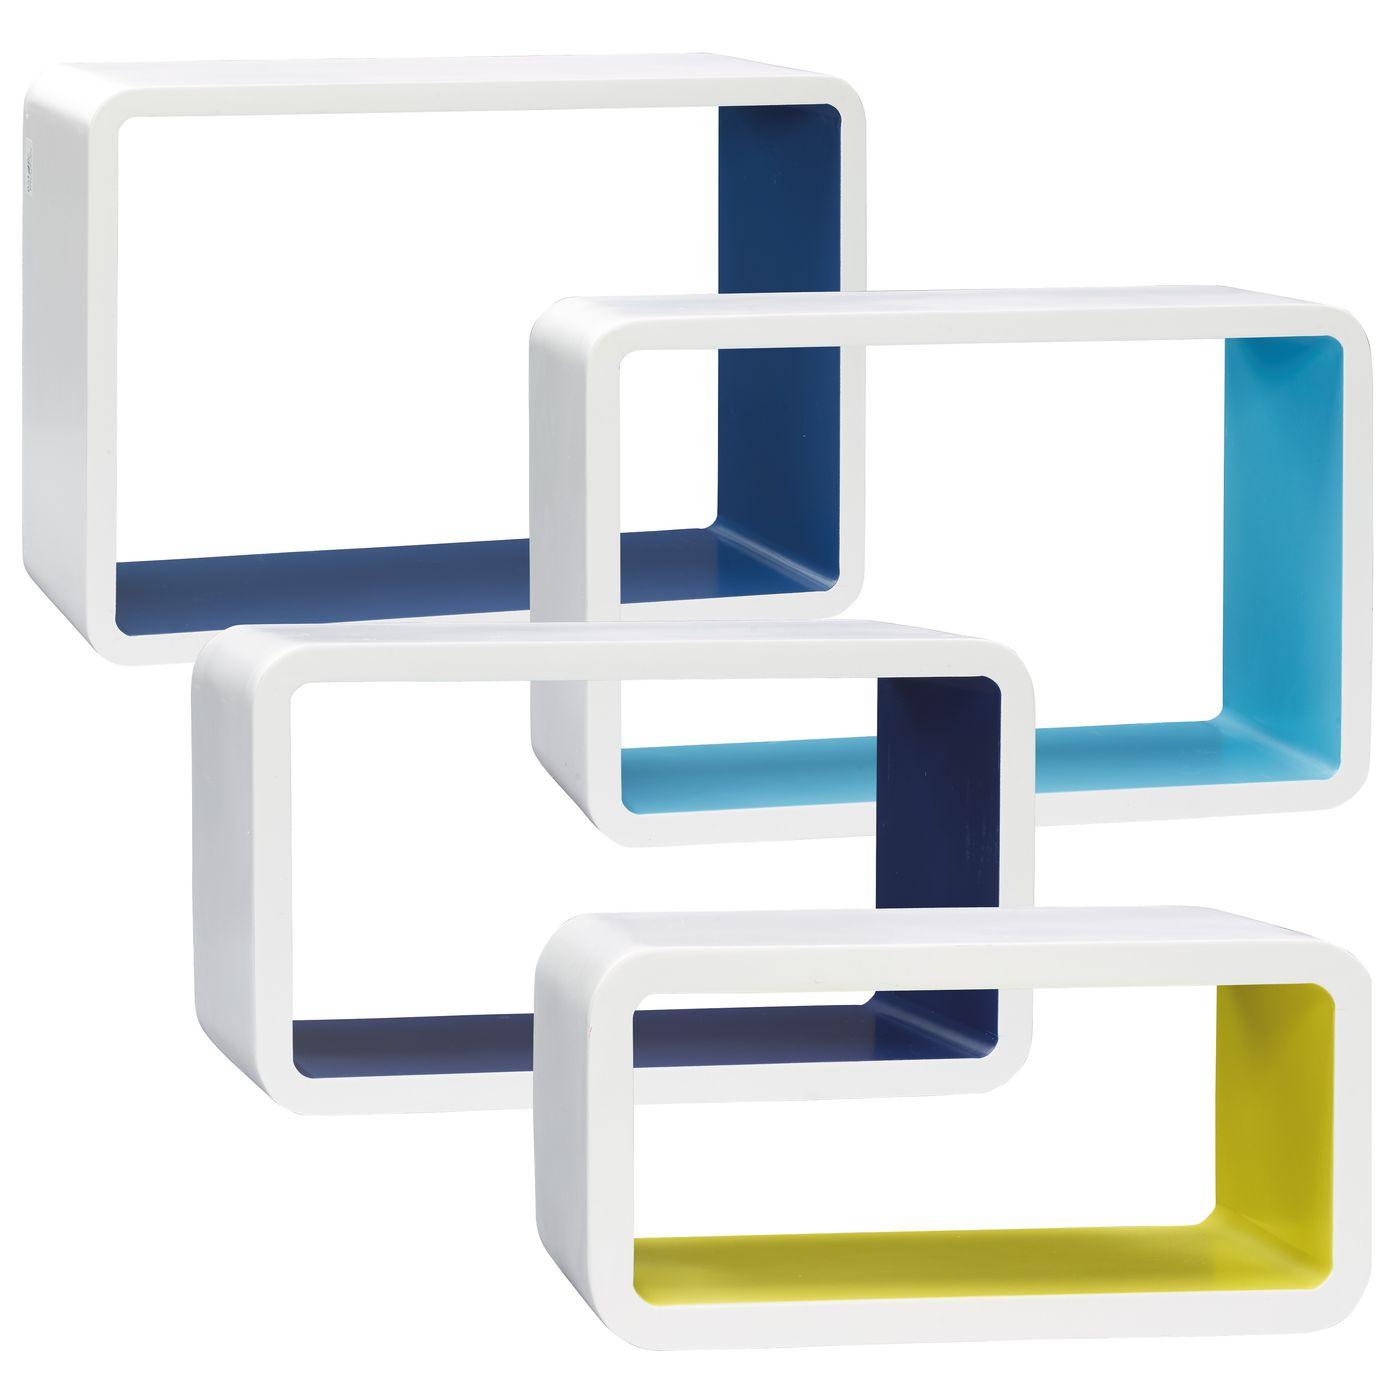 Regalset прямоугольный JAKO‑O, 4-tlg.